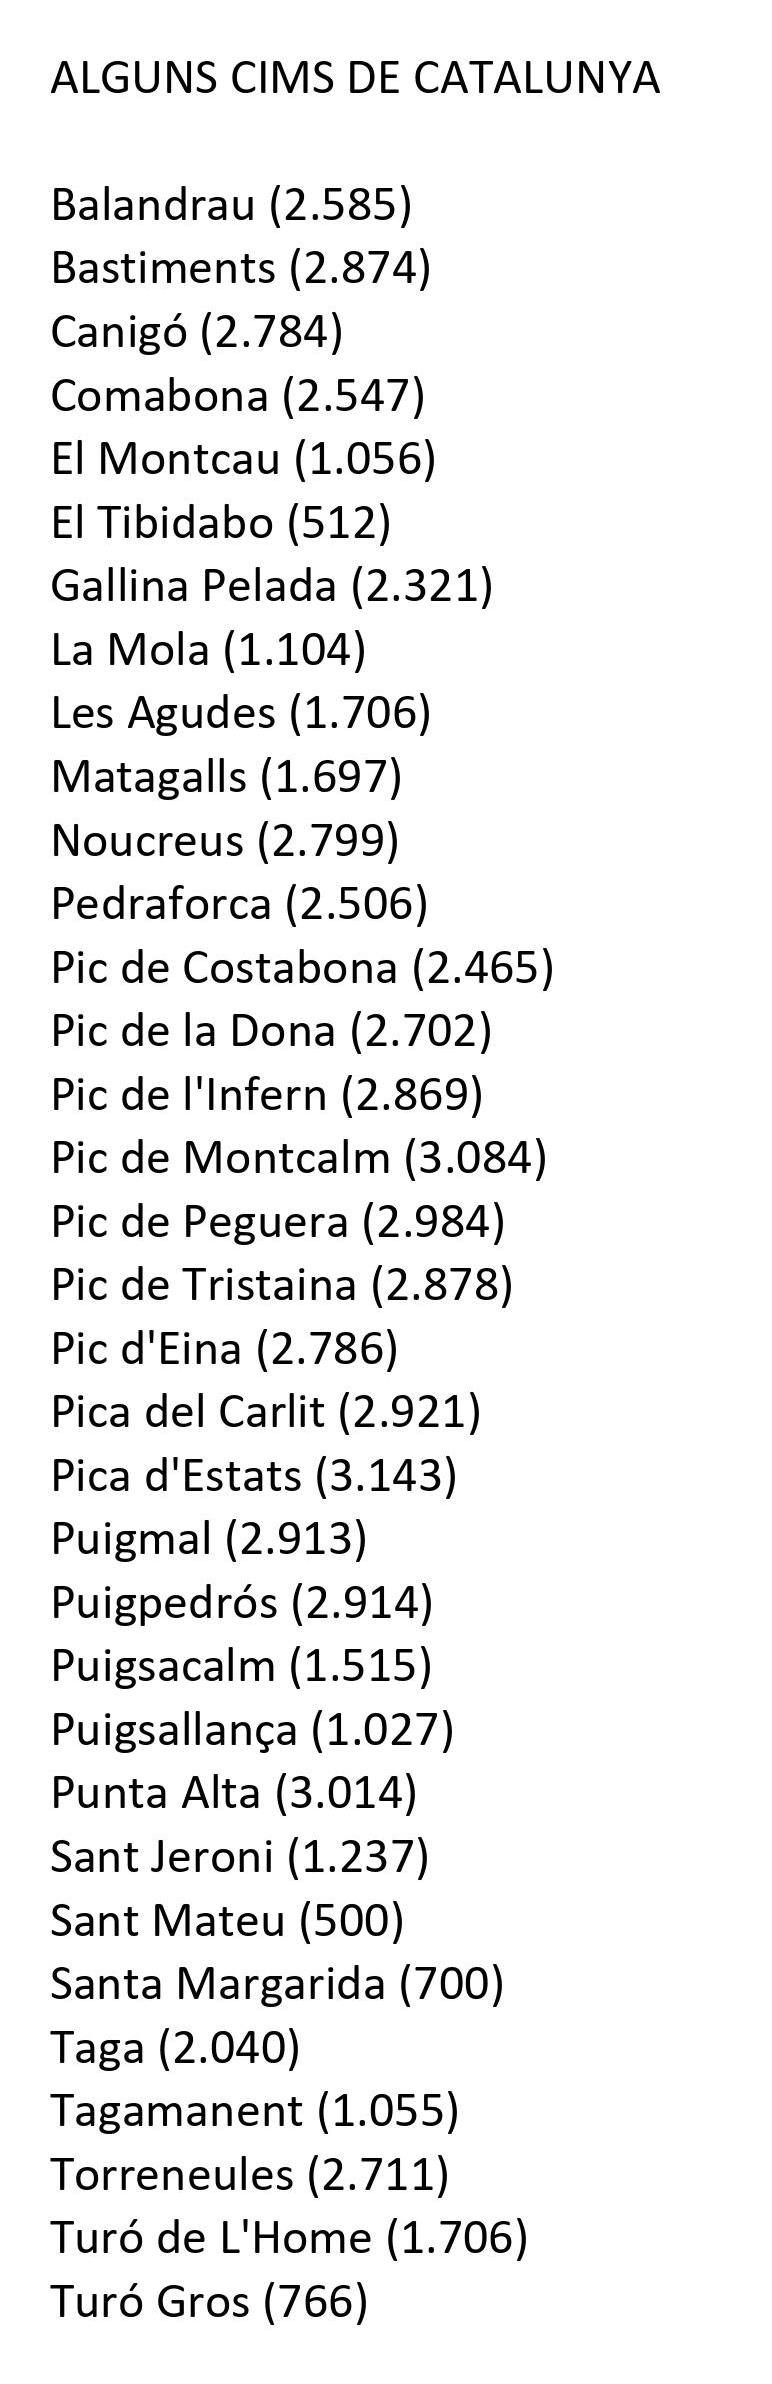 Alguns Cims de Catalunya